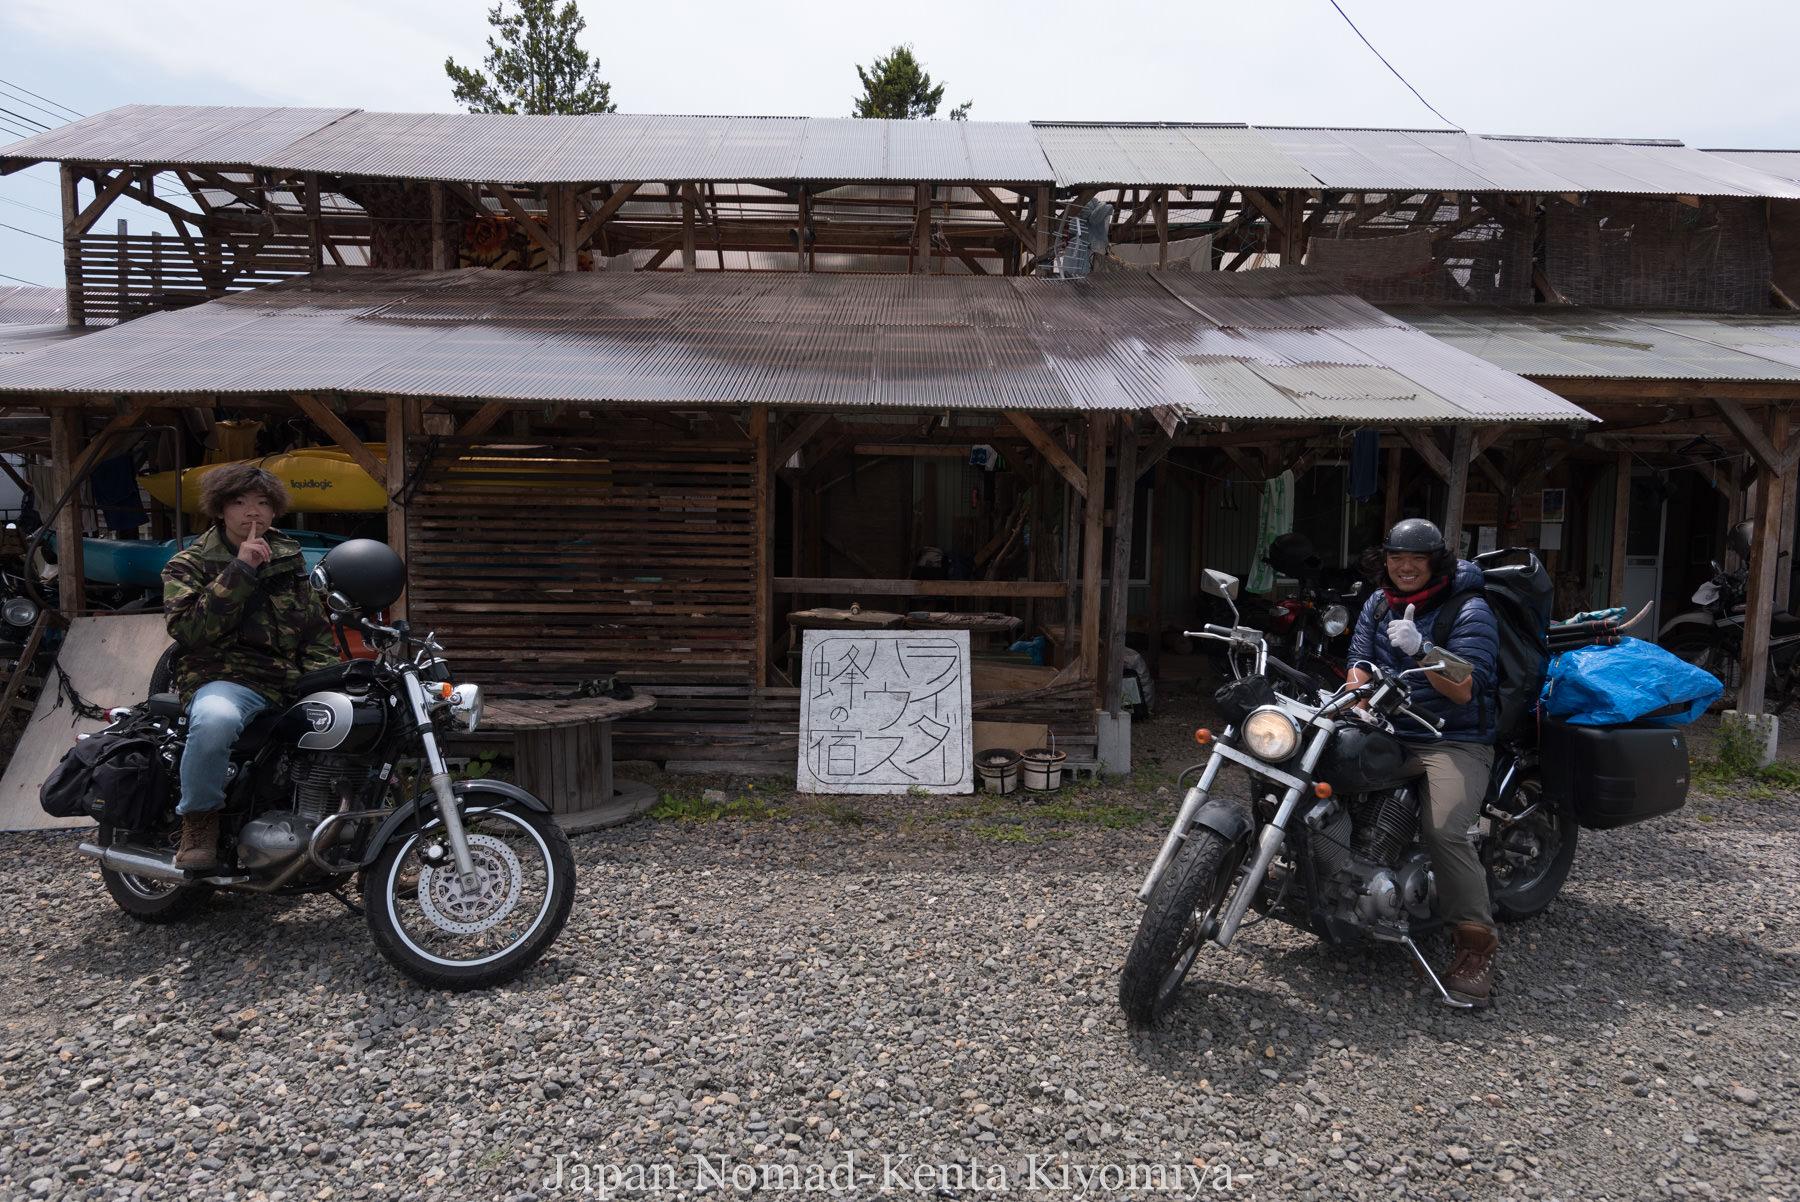 自転車日本一周74日目(旭川)-Japan Nomad (1)